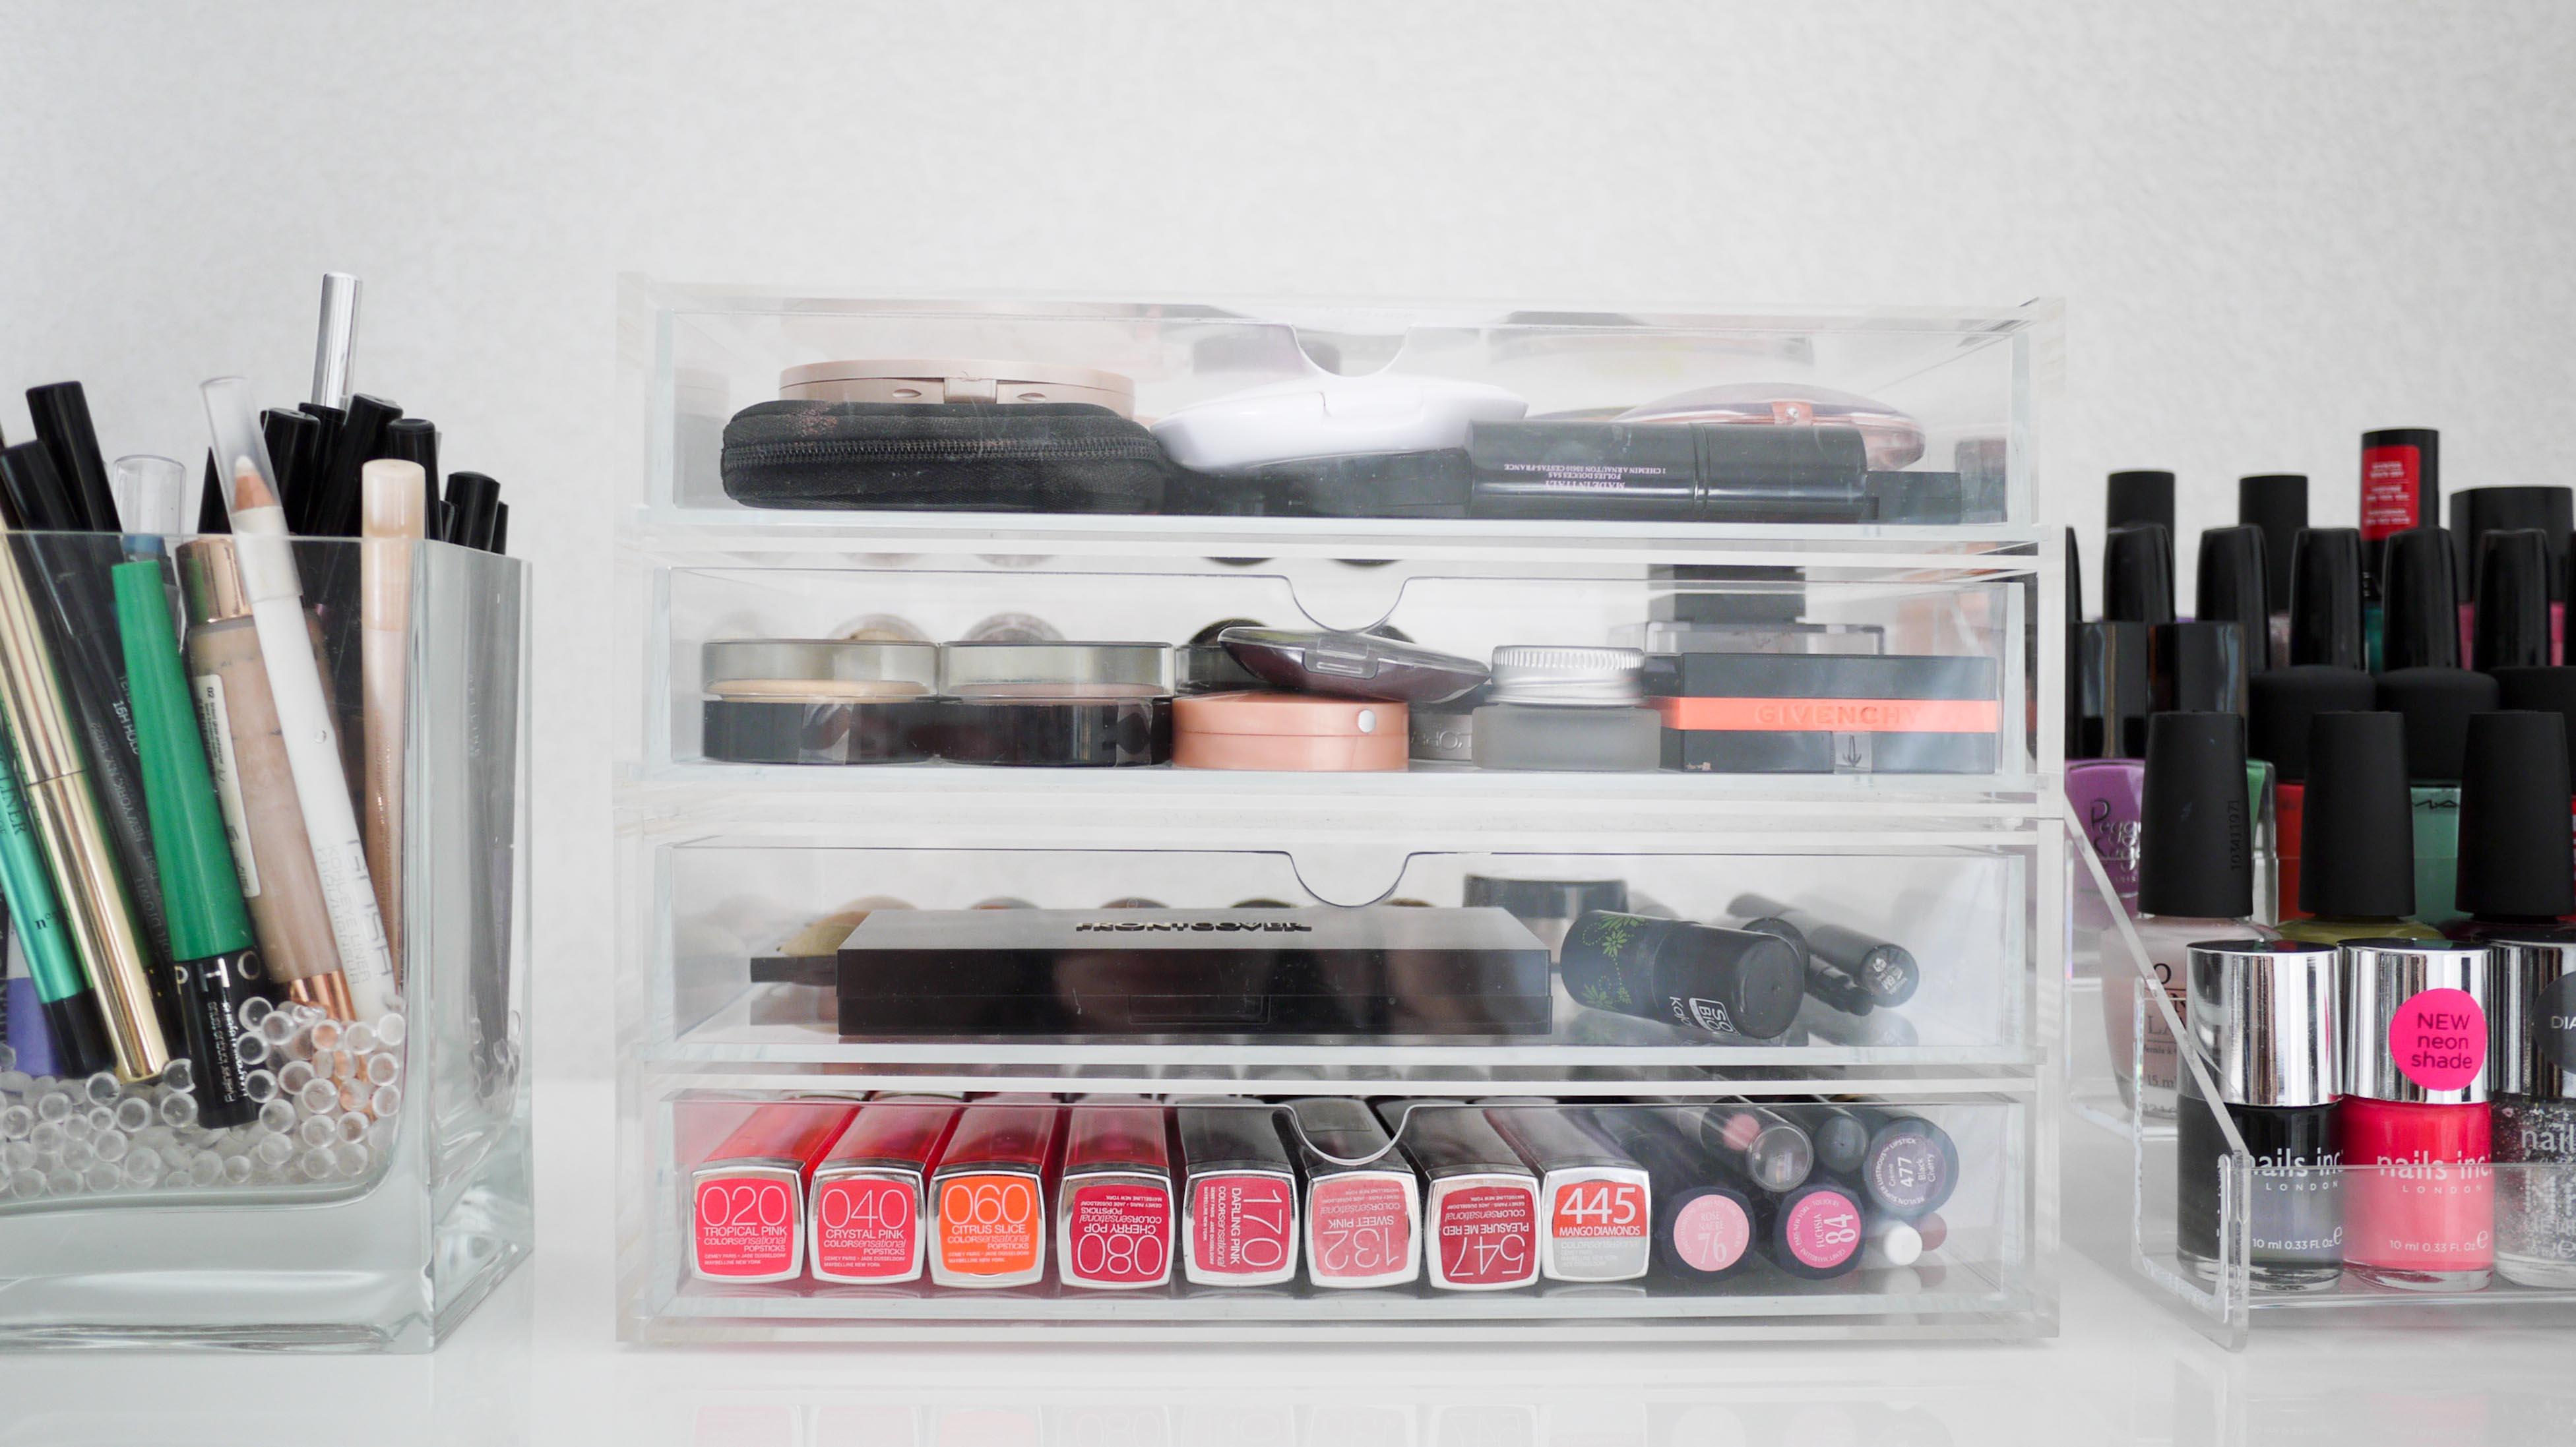 rangement maquillage tout ce qu 39 il faut savoir pour s. Black Bedroom Furniture Sets. Home Design Ideas